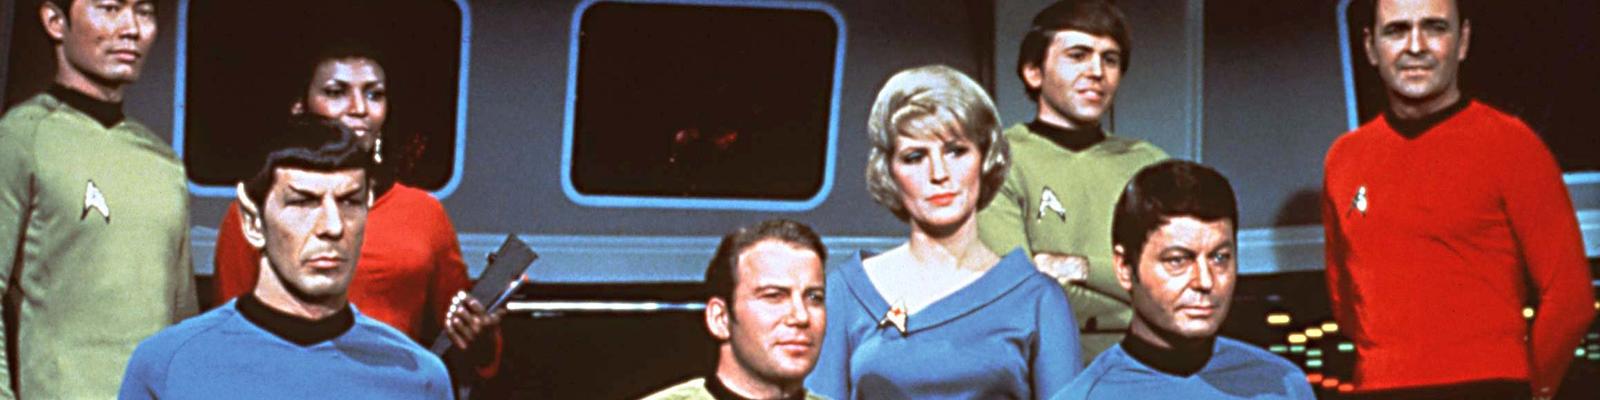 Die Mannschaft von Raumschiff Enterprise